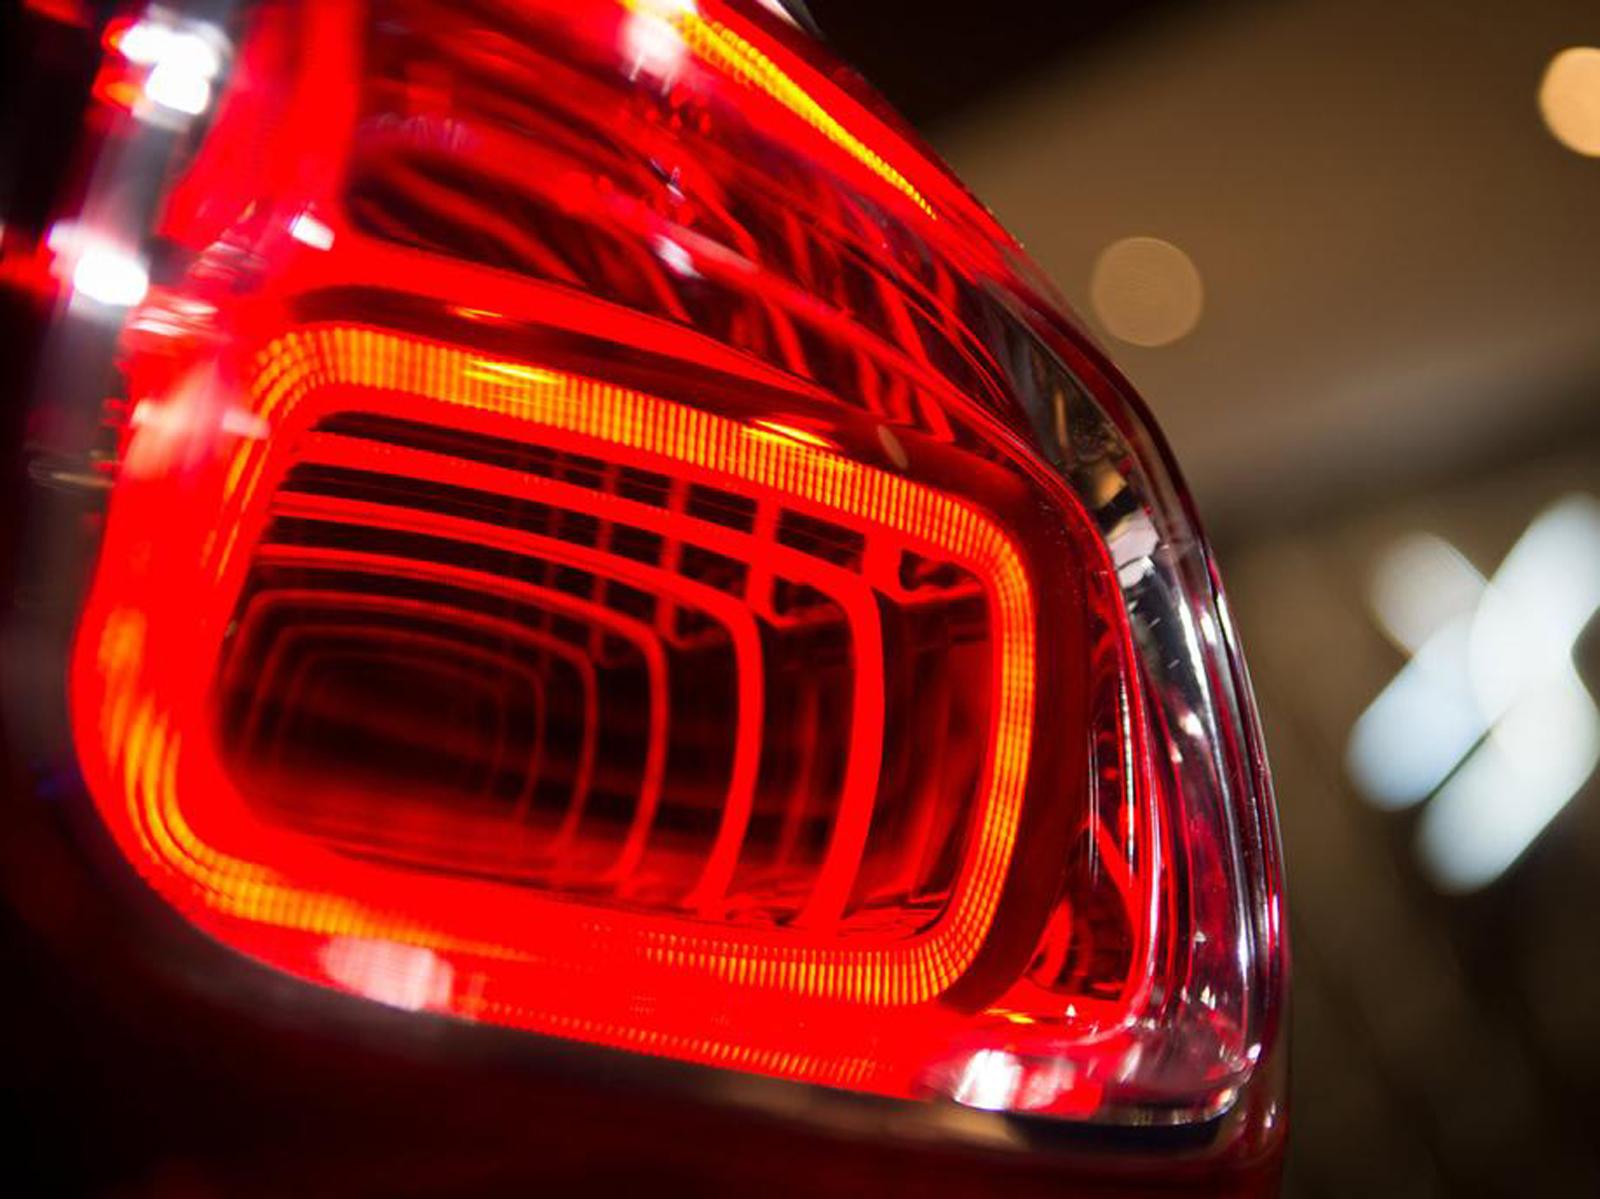 DS Automobiles - 2016 - Nouvelle DS 3 - optique arrière / rear light